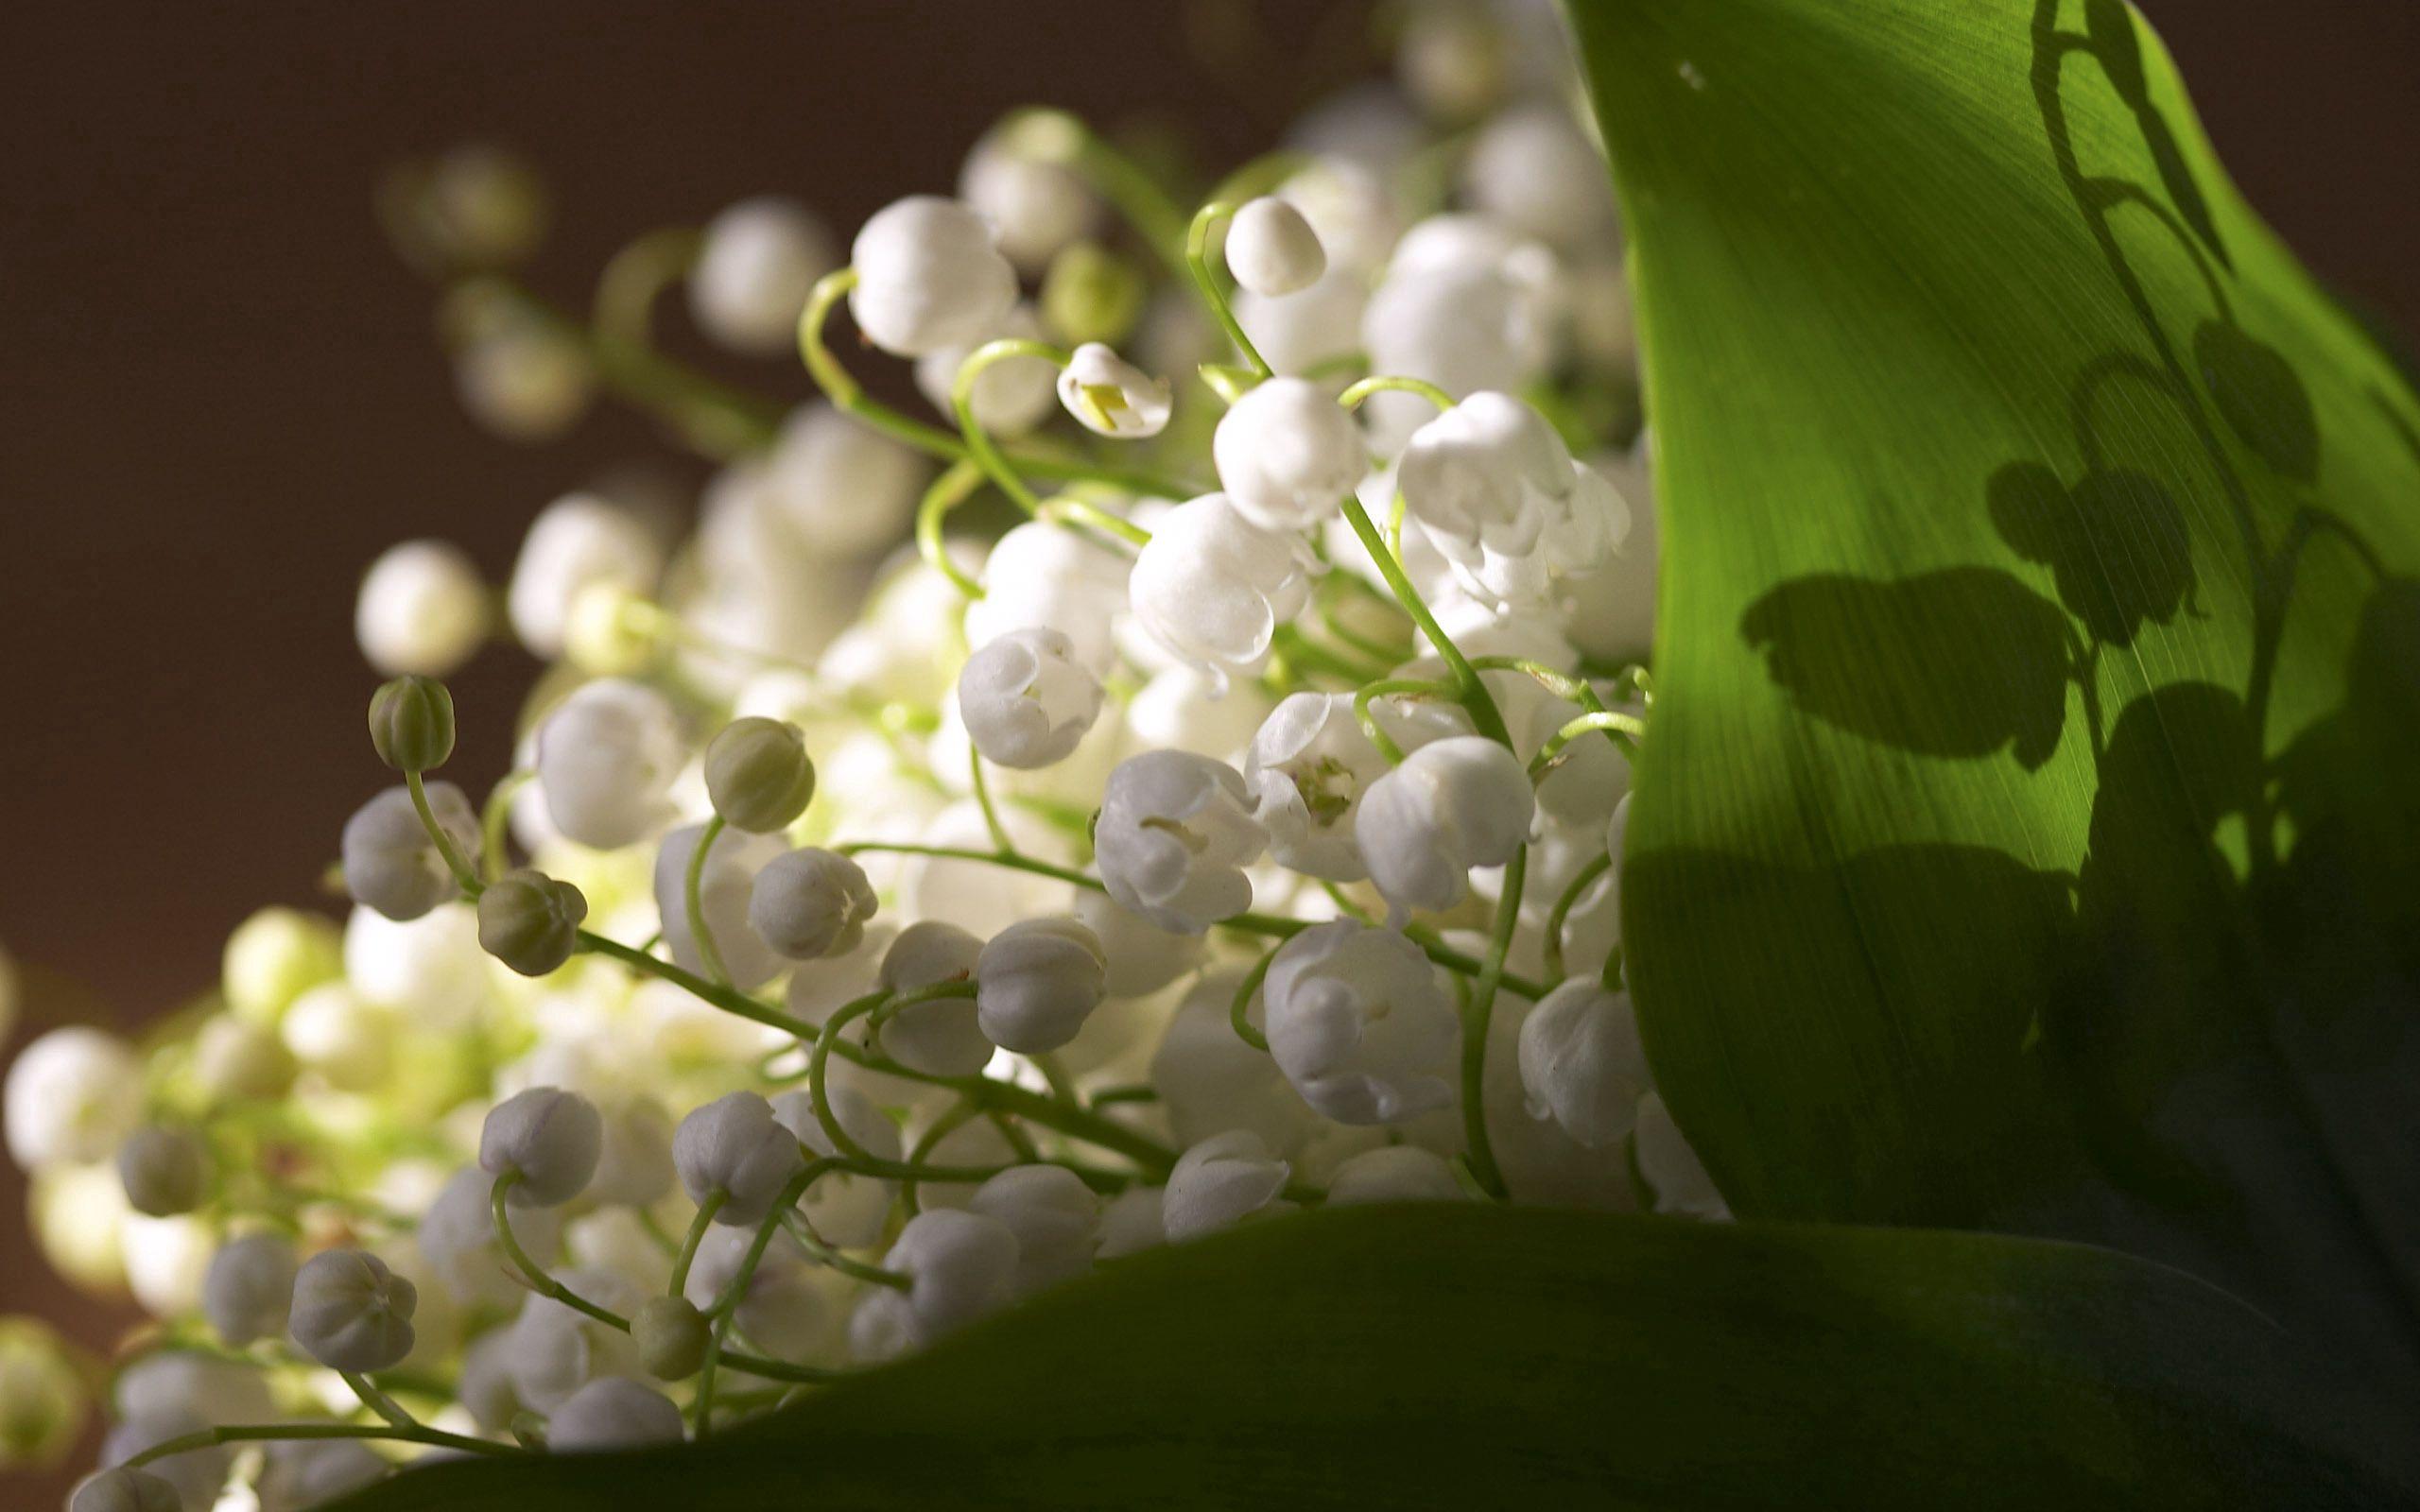 67612 Hintergrundbild herunterladen Blumen, Maiglöckchen, Makro - Bildschirmschoner und Bilder kostenlos